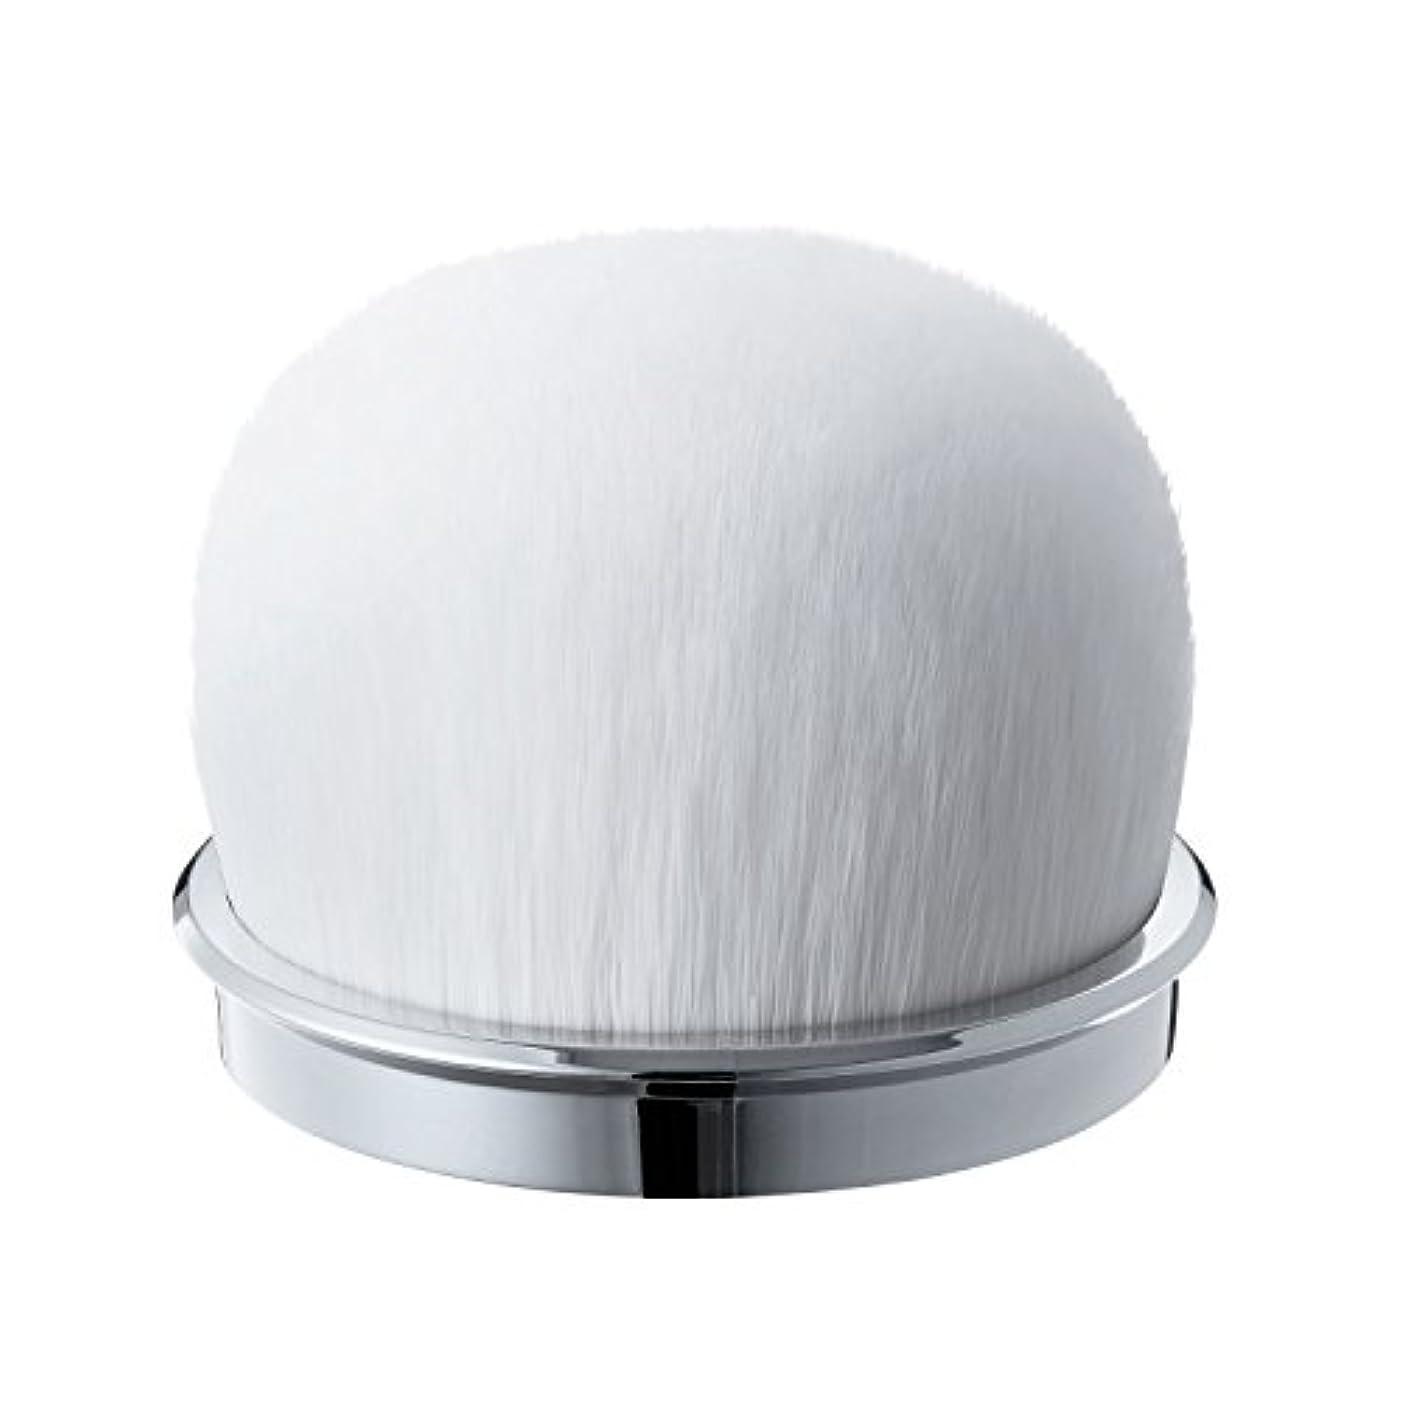 比較的欲望黒人MTG ReFa CLEAR BRUSH HEAD (リファクリアブラシヘッド)【メーカー純正品】スキンケア